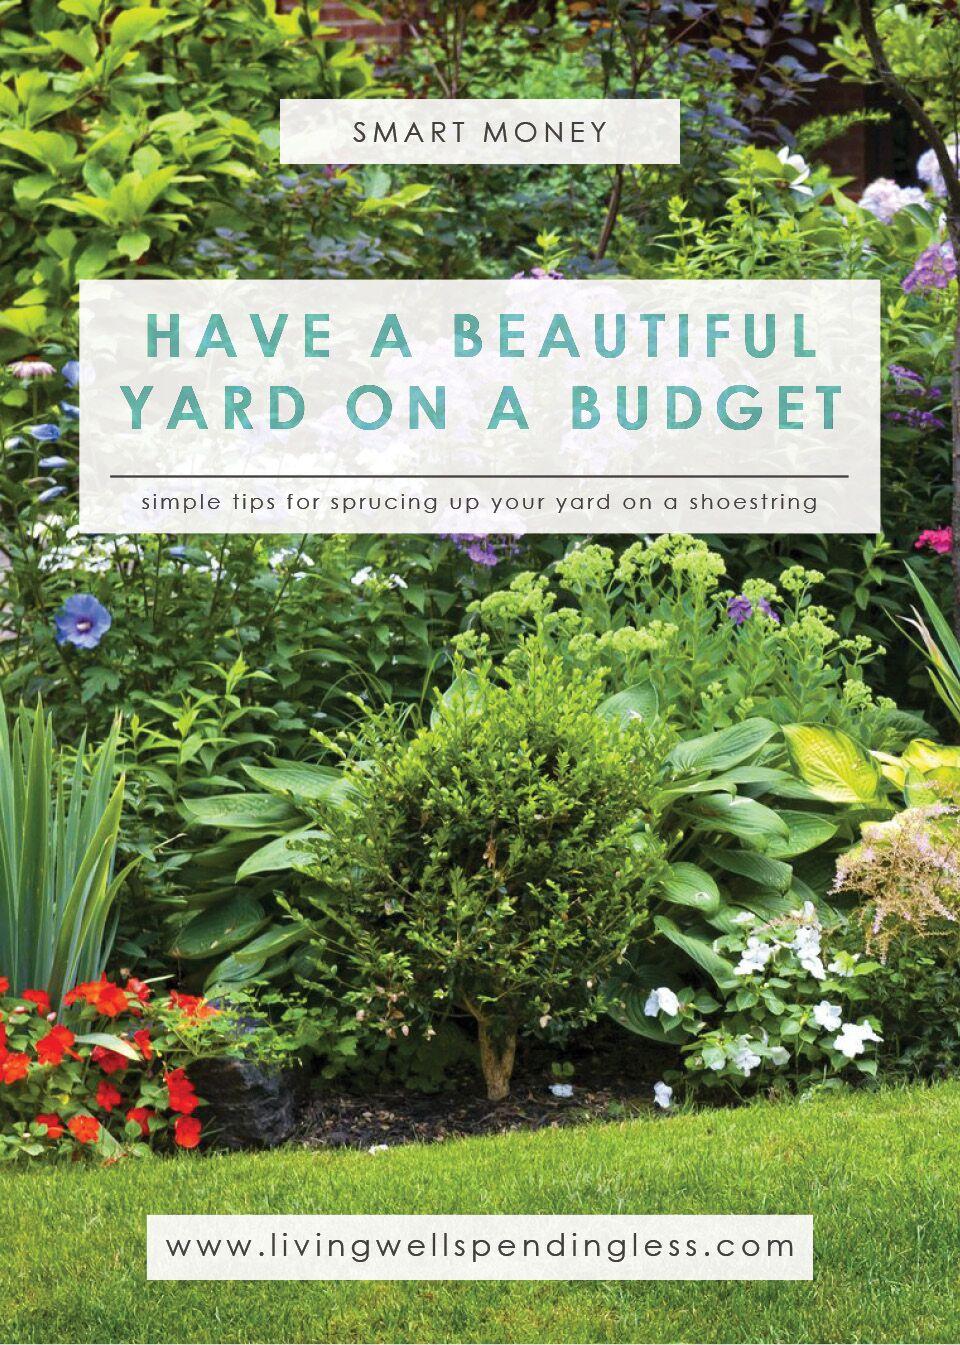 Beautiful Yard on a Budget